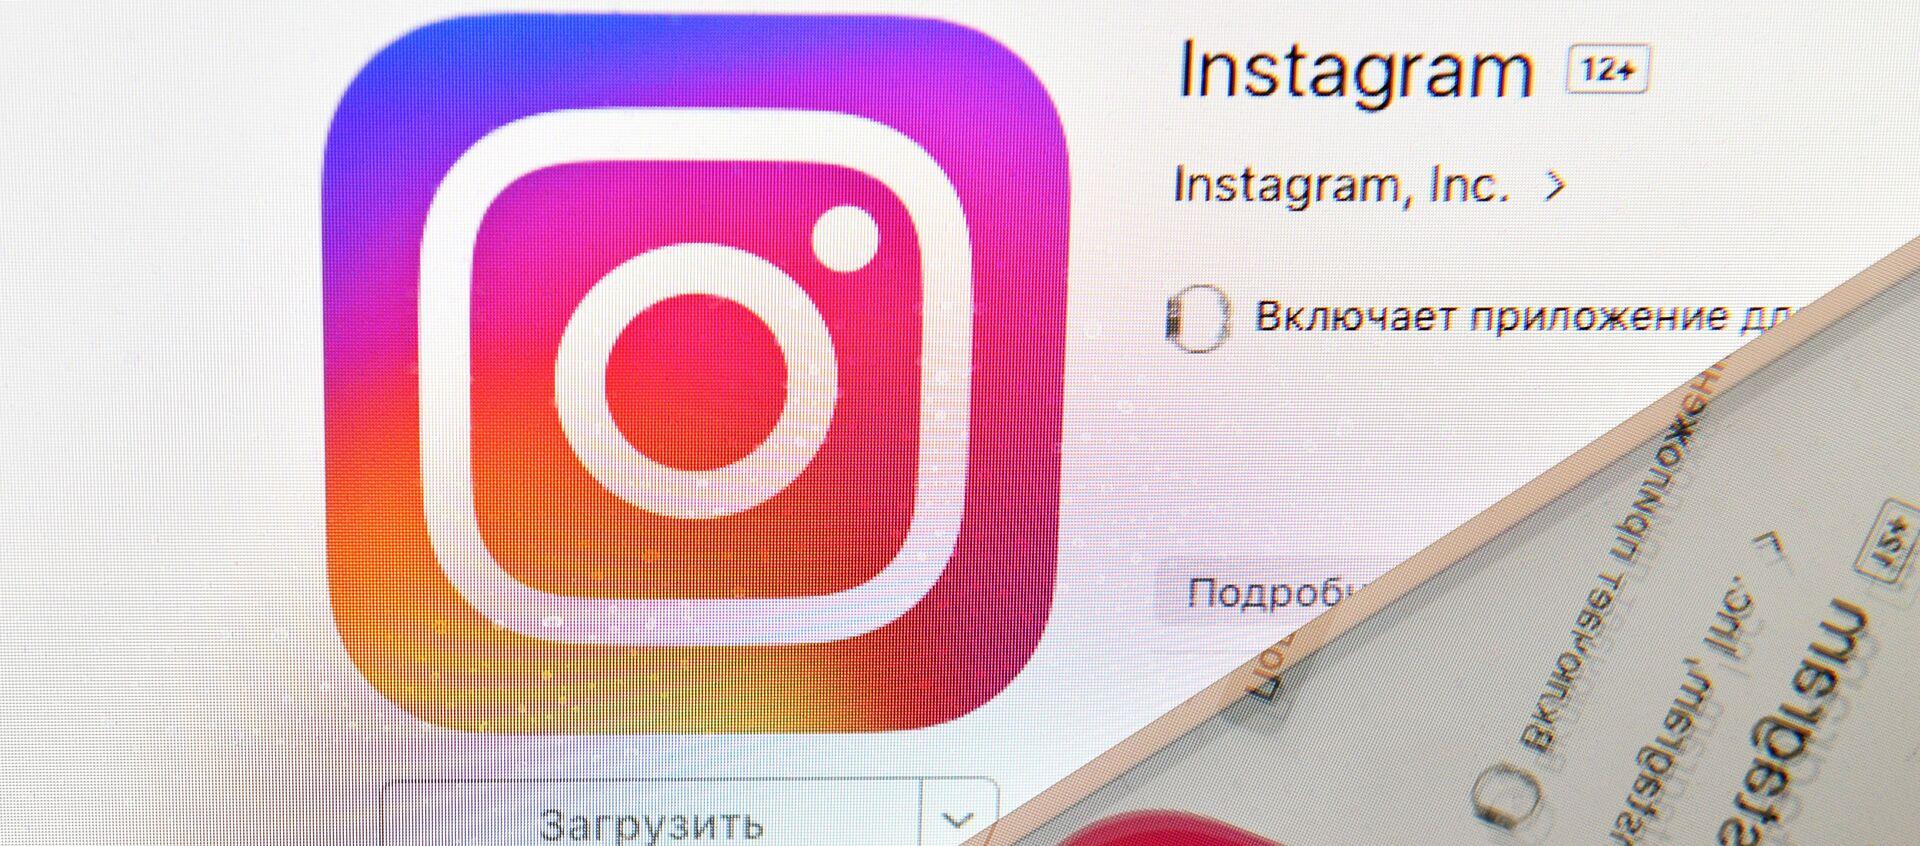 Logo de Instagram - Sputnik Mundo, 1920, 06.10.2020